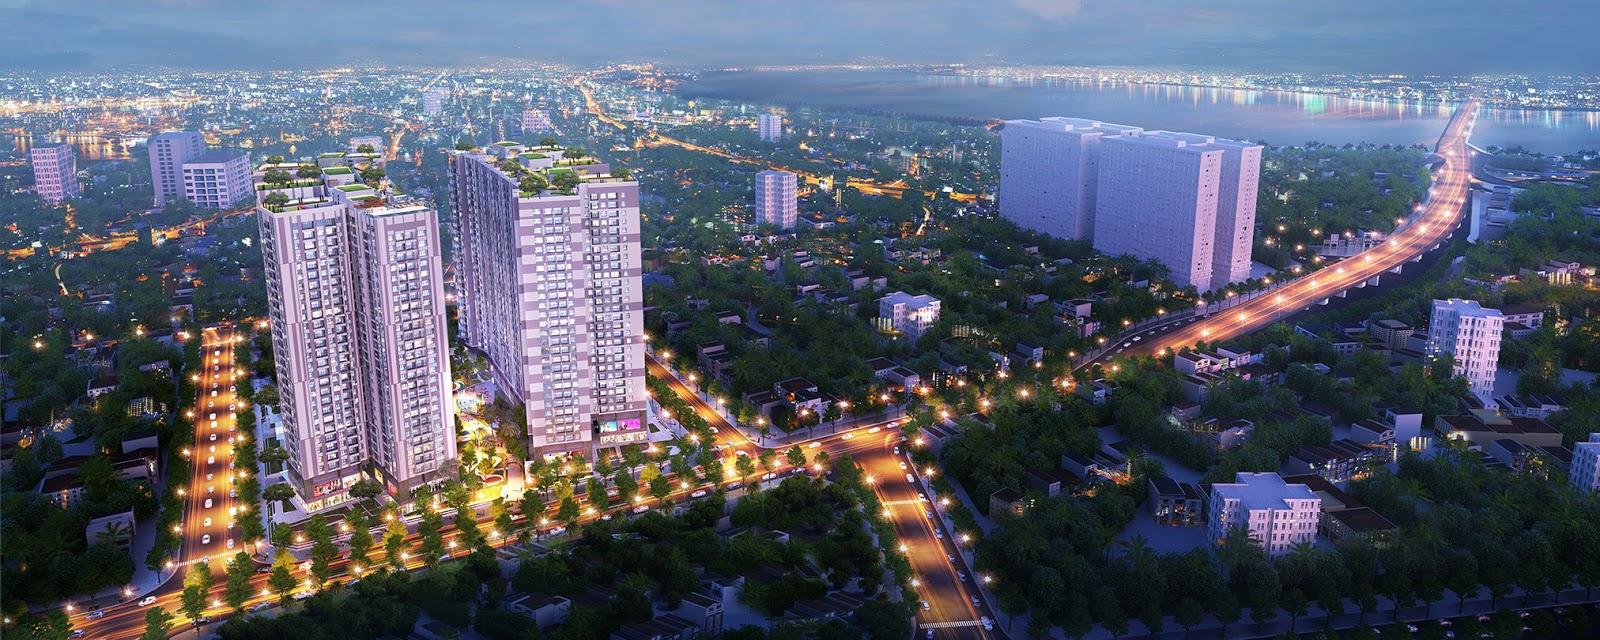 Phối cảnh dự án chung cư Imperia Sky Garden Minh Khai